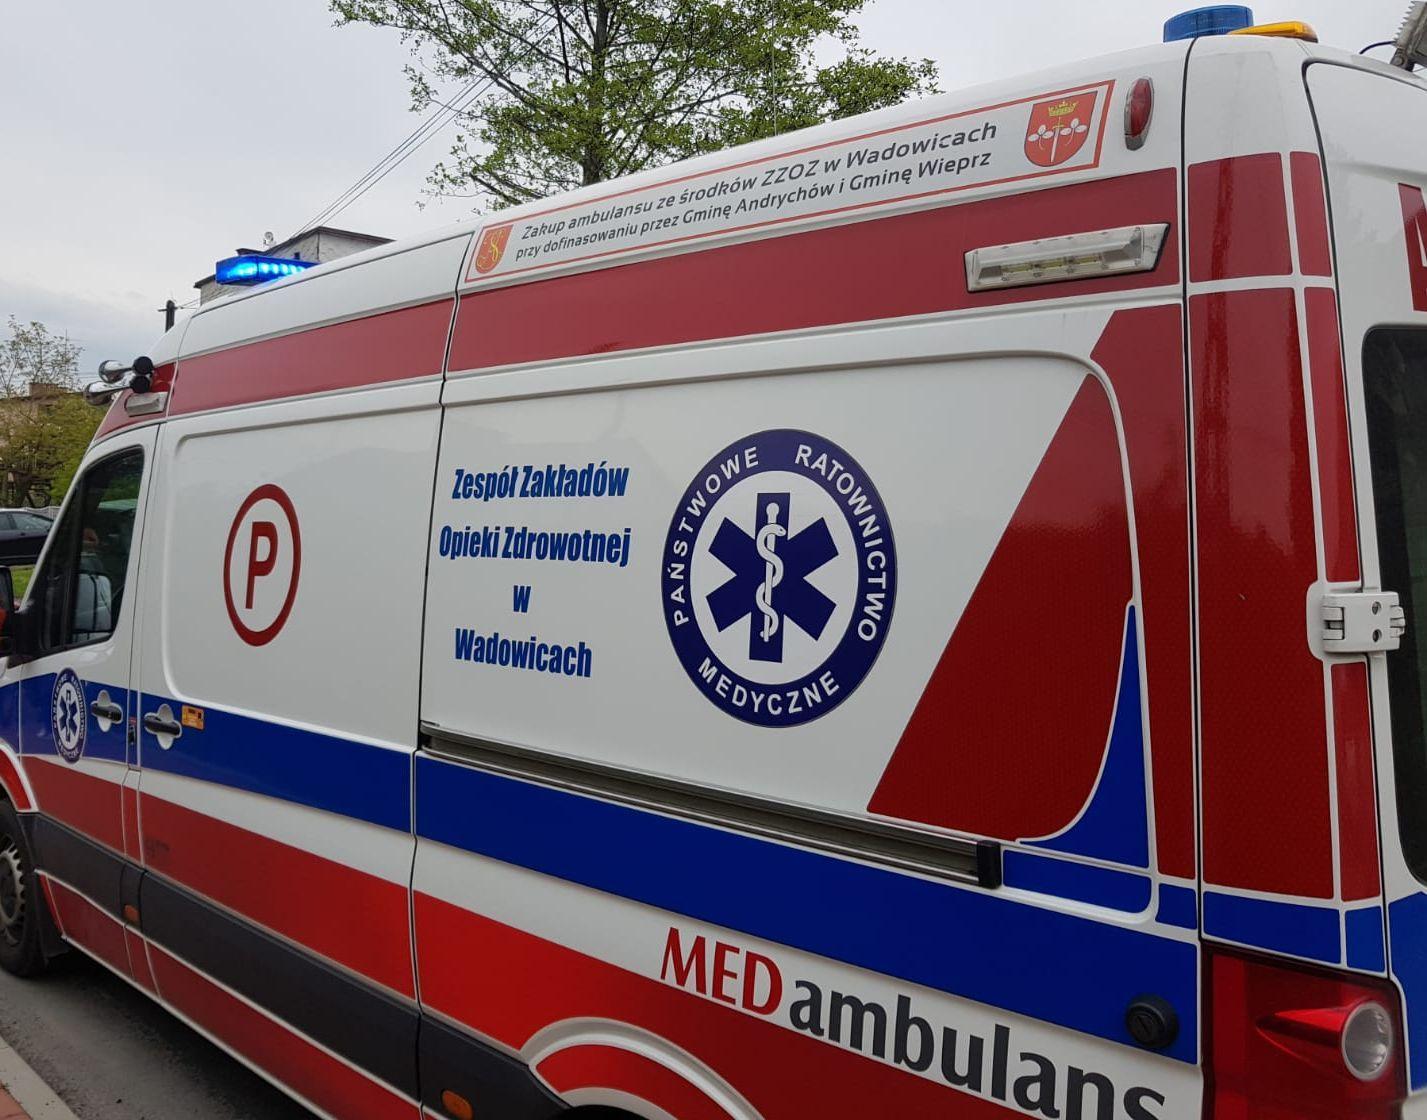 Ruszyła zbiórka na zakup środków ochrony dla ratowników medycznych